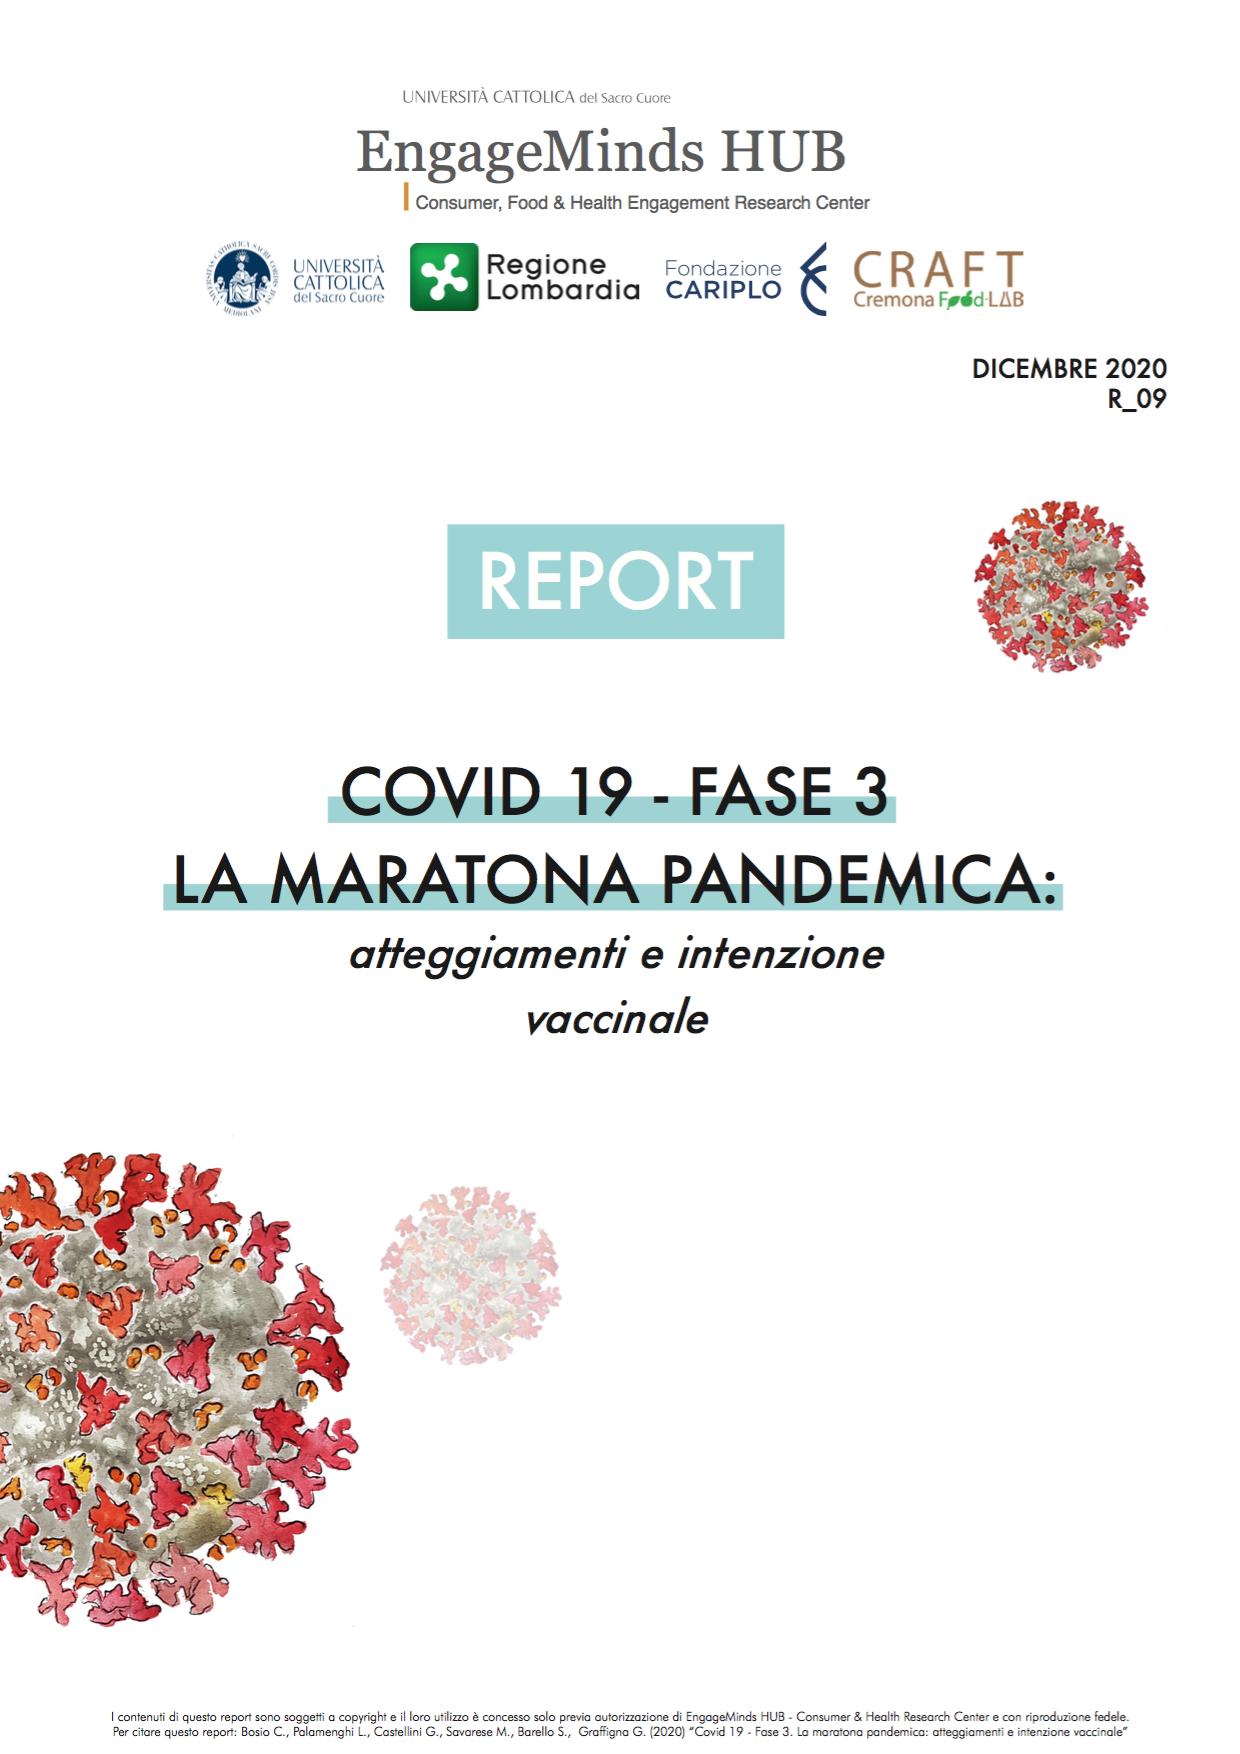 COVID 19 - FASE 3. LA MARATONA PANDEMICA